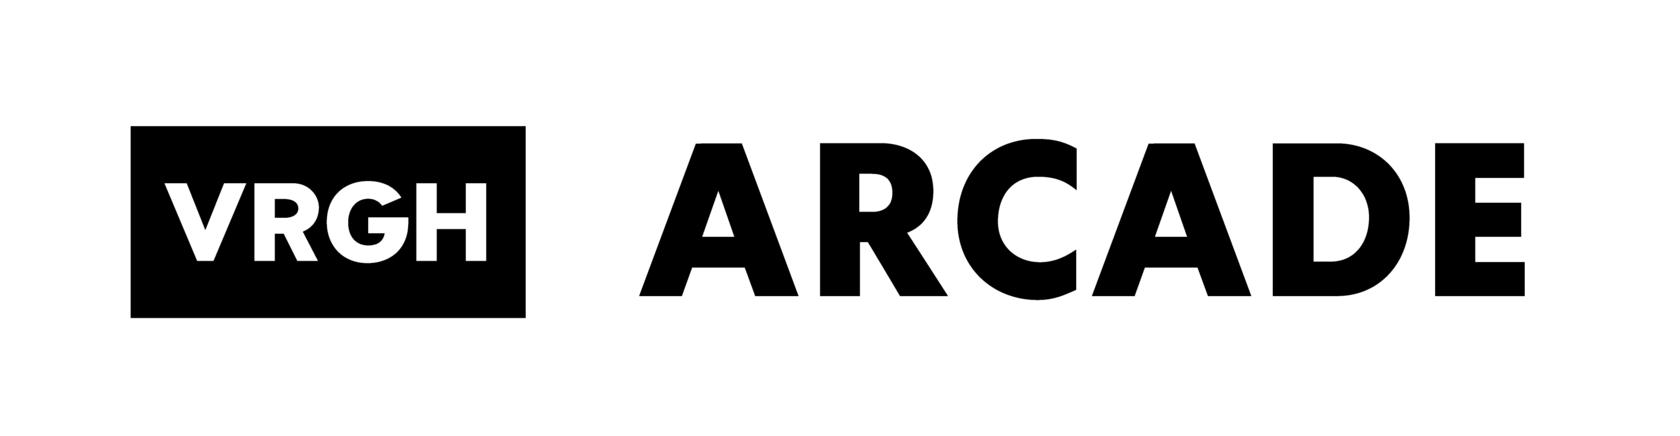 VRGH - Arcade